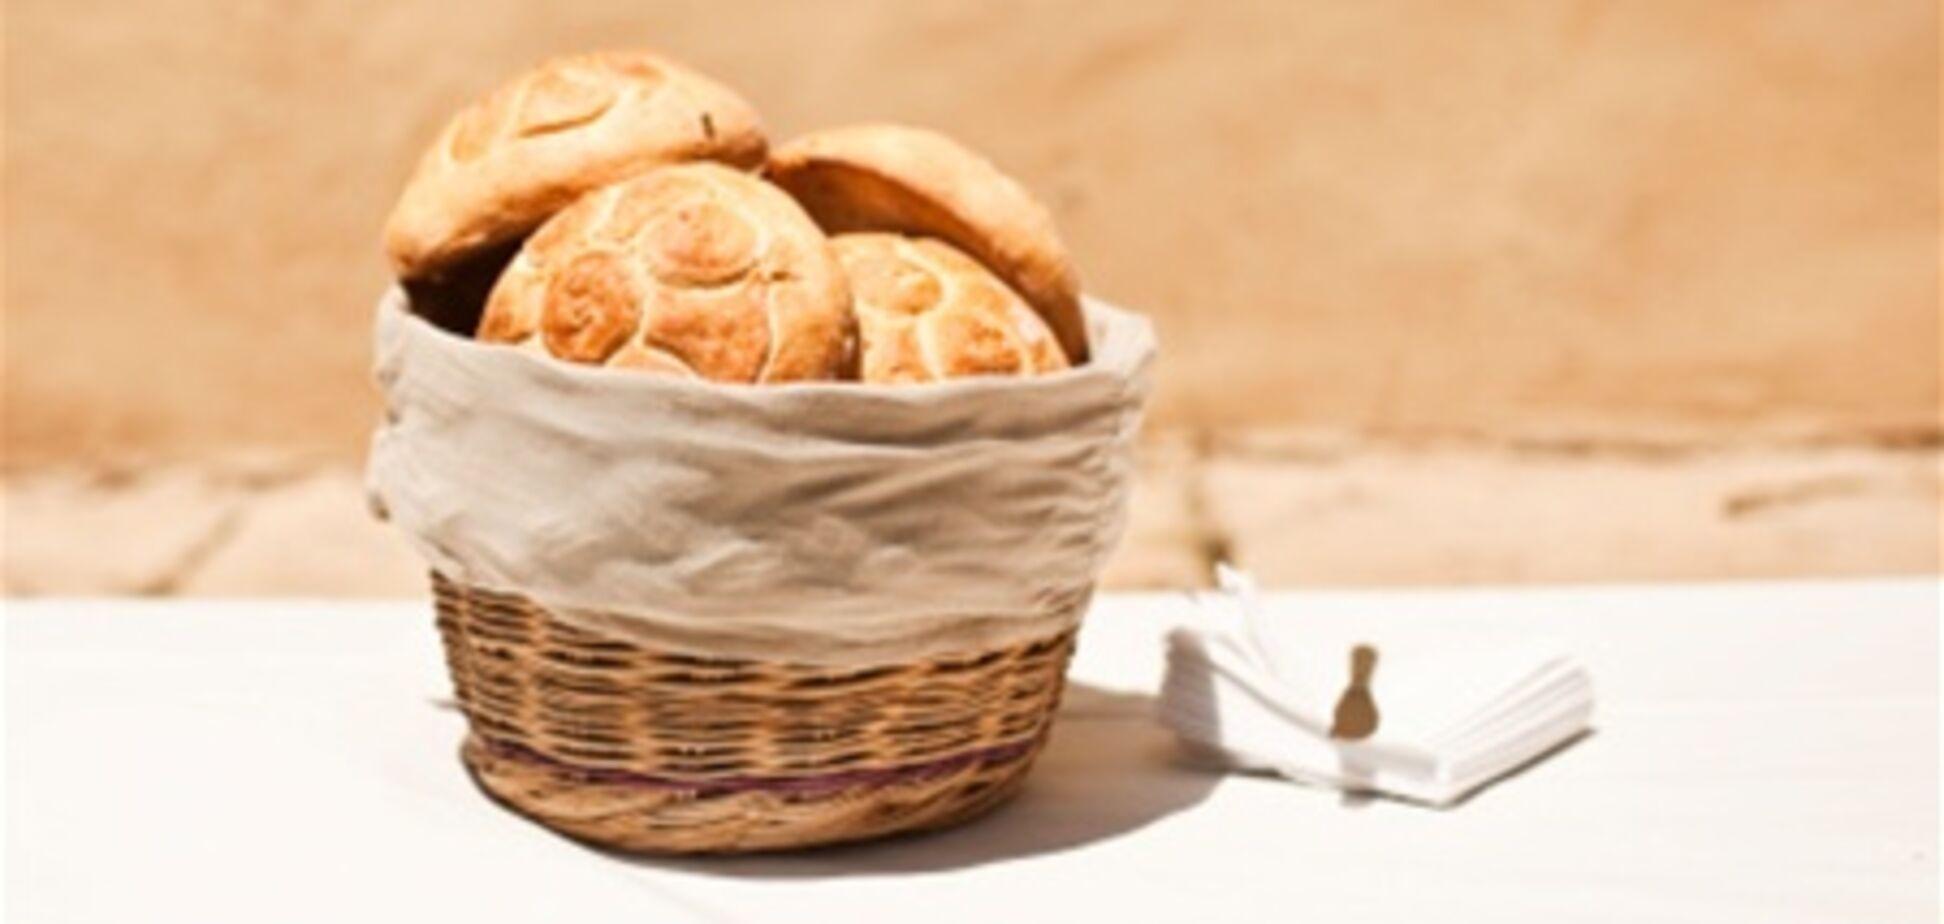 Хлеб вреден для мозга